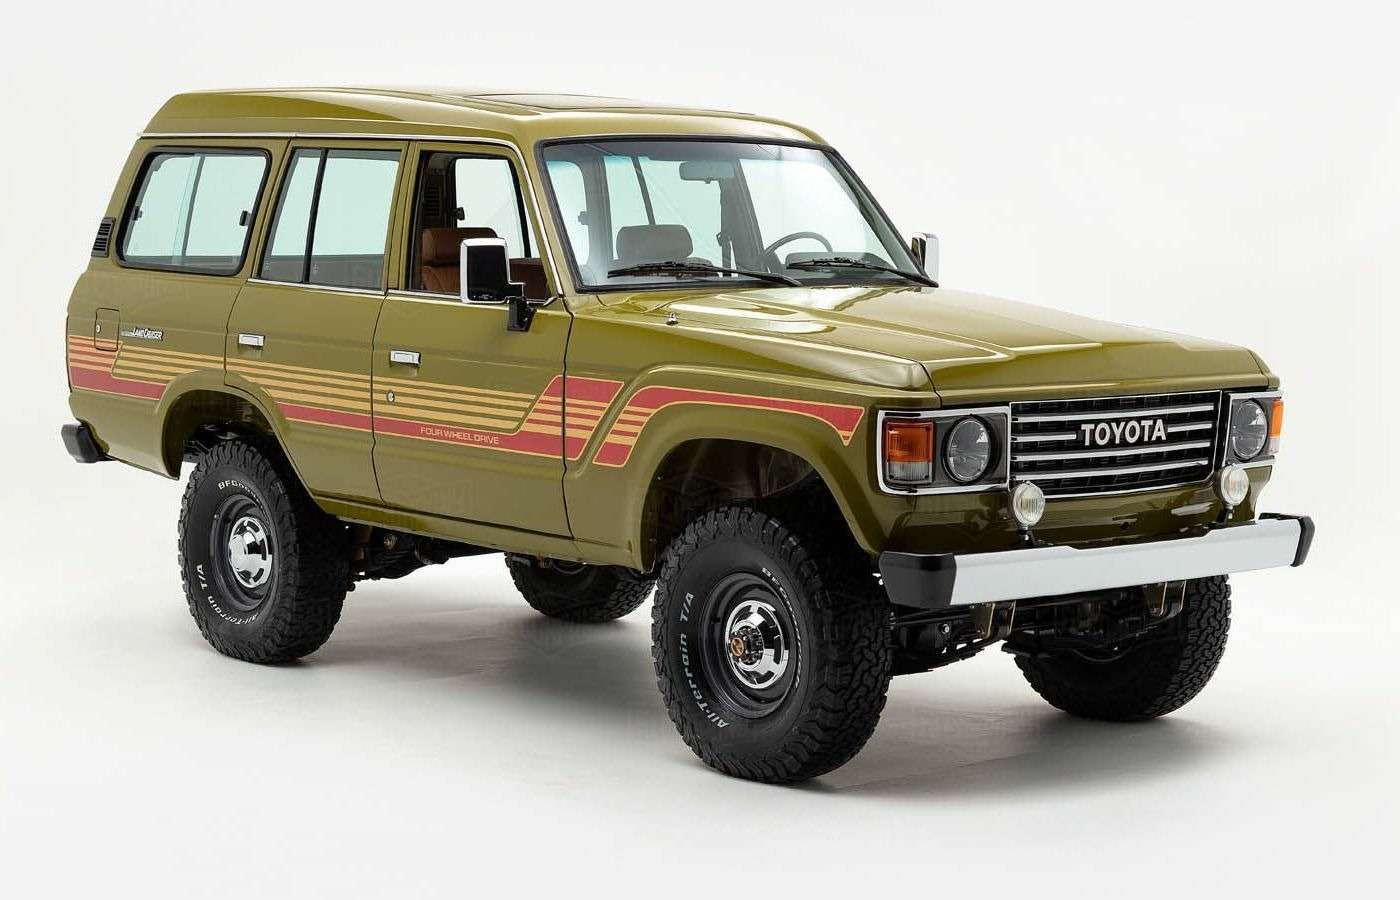 Абсолютно новый Toyota Land Cruiser 1986 года. Да, такое бывает!— фото 877219